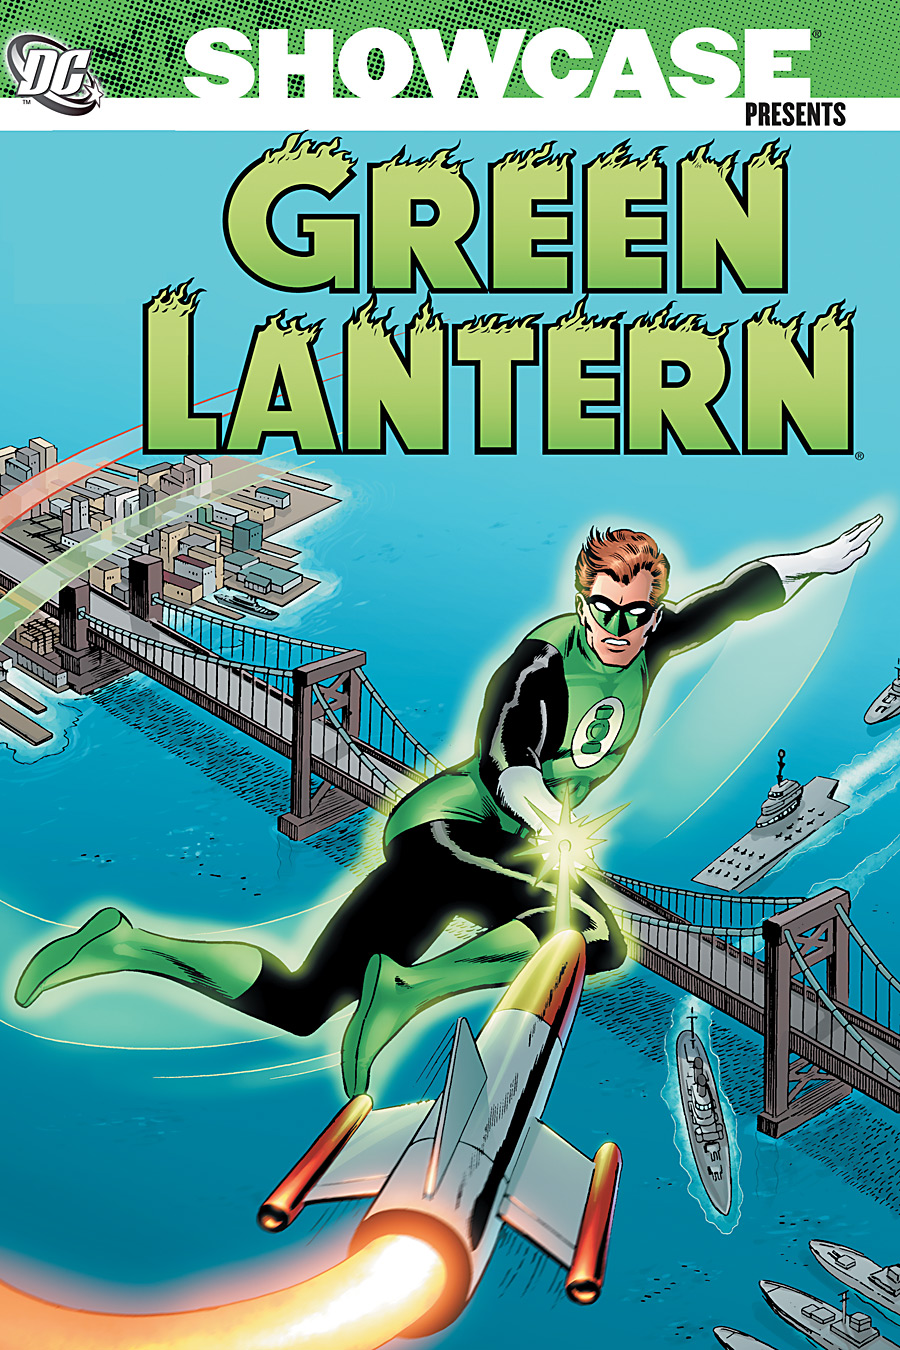 Green Lantern 1 - SHOWCASE PRESENTS GREEN LANTERN 1